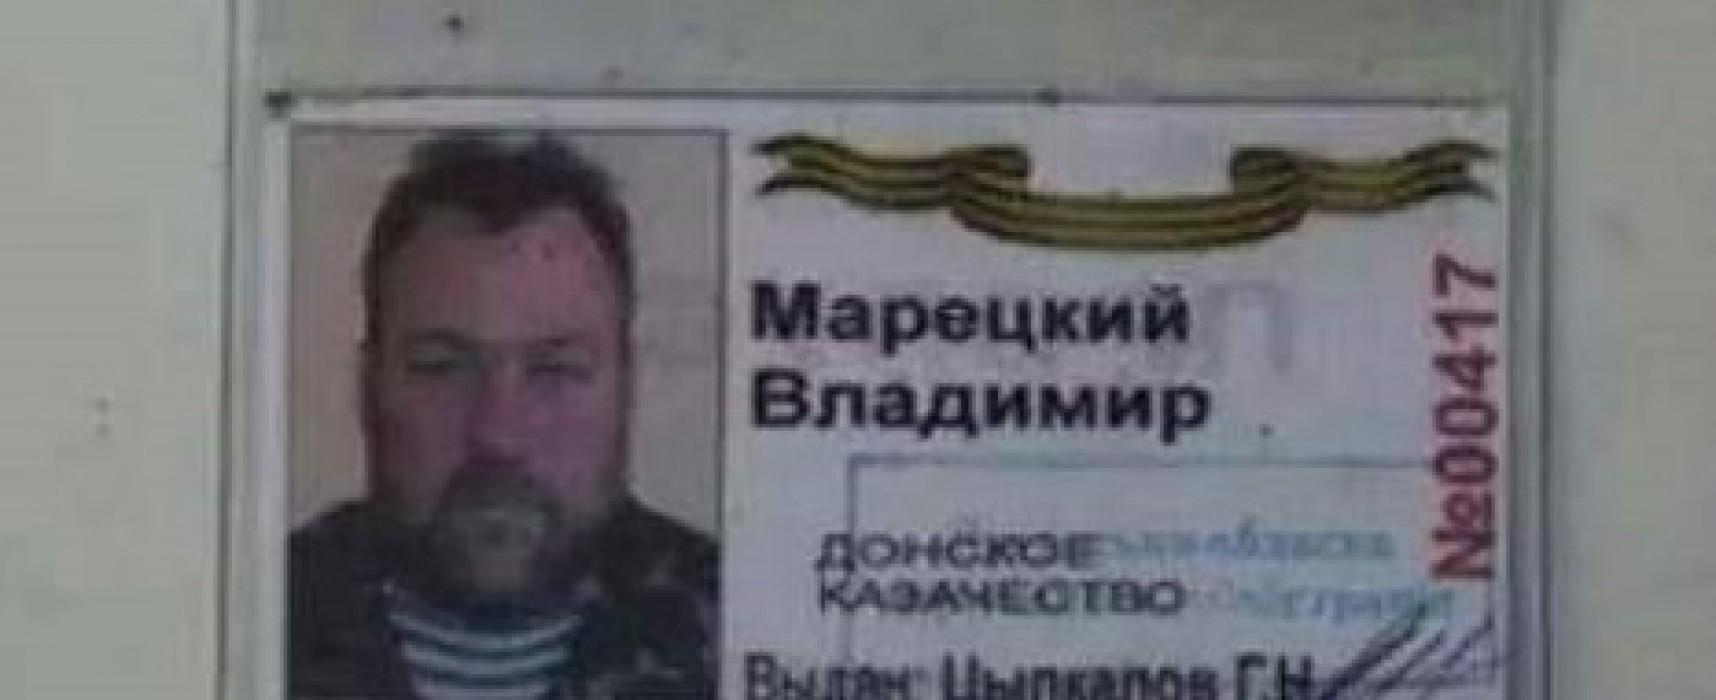 Ложь: пособника террористов отпустили в зале суда